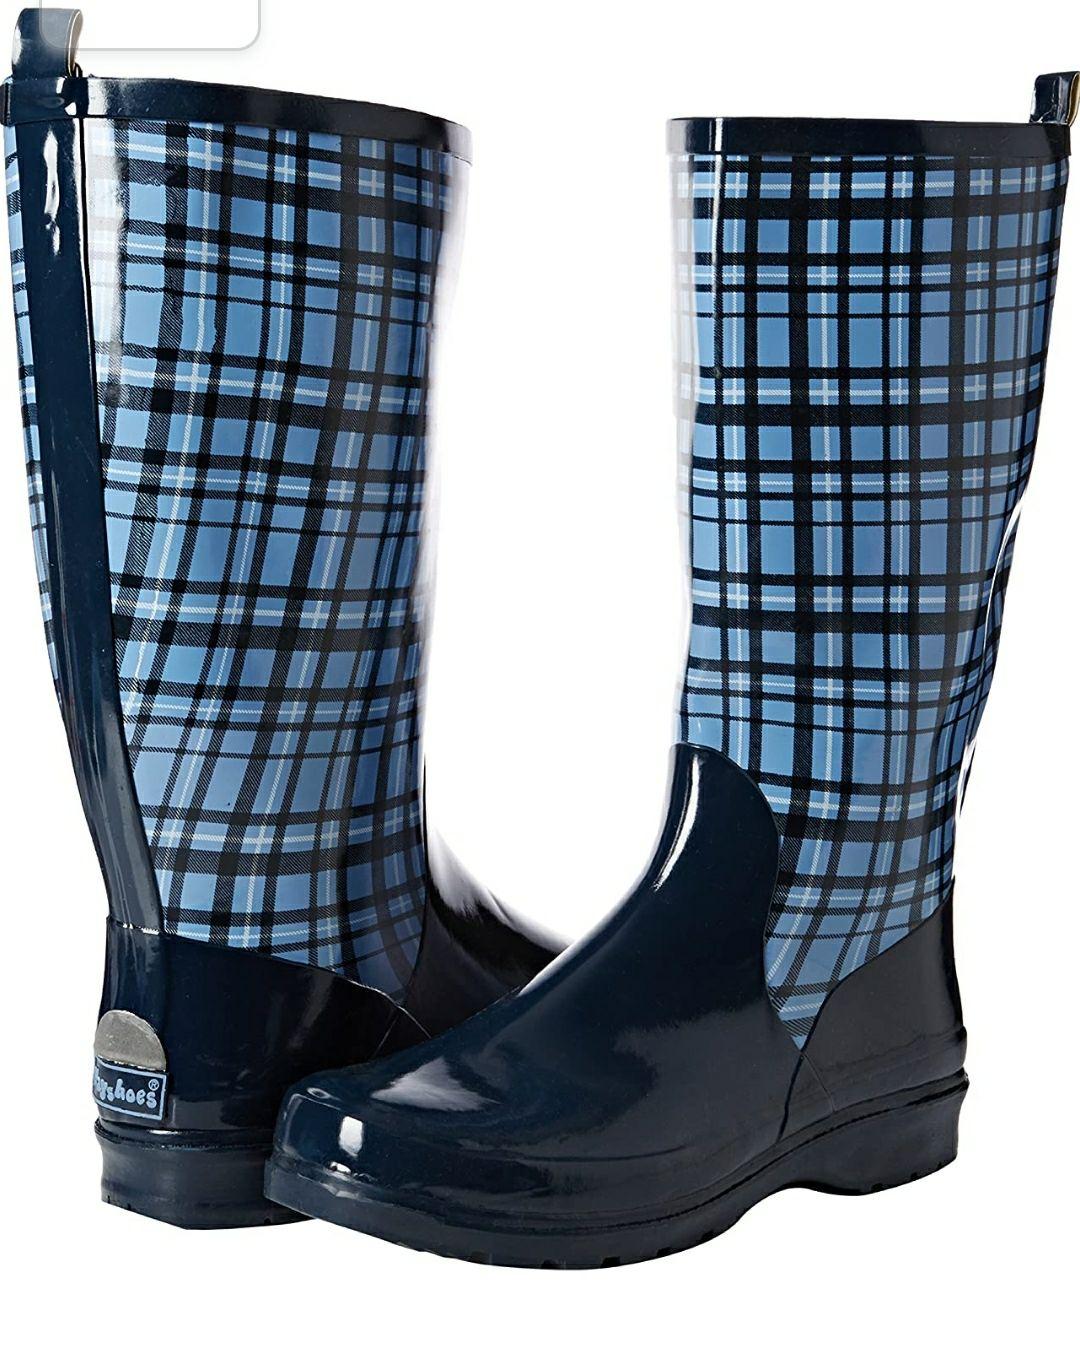 TALLA 42 - Playshoes Bota de Goma de Caucho Natura, Botas de Agua para Mujer. Color azul